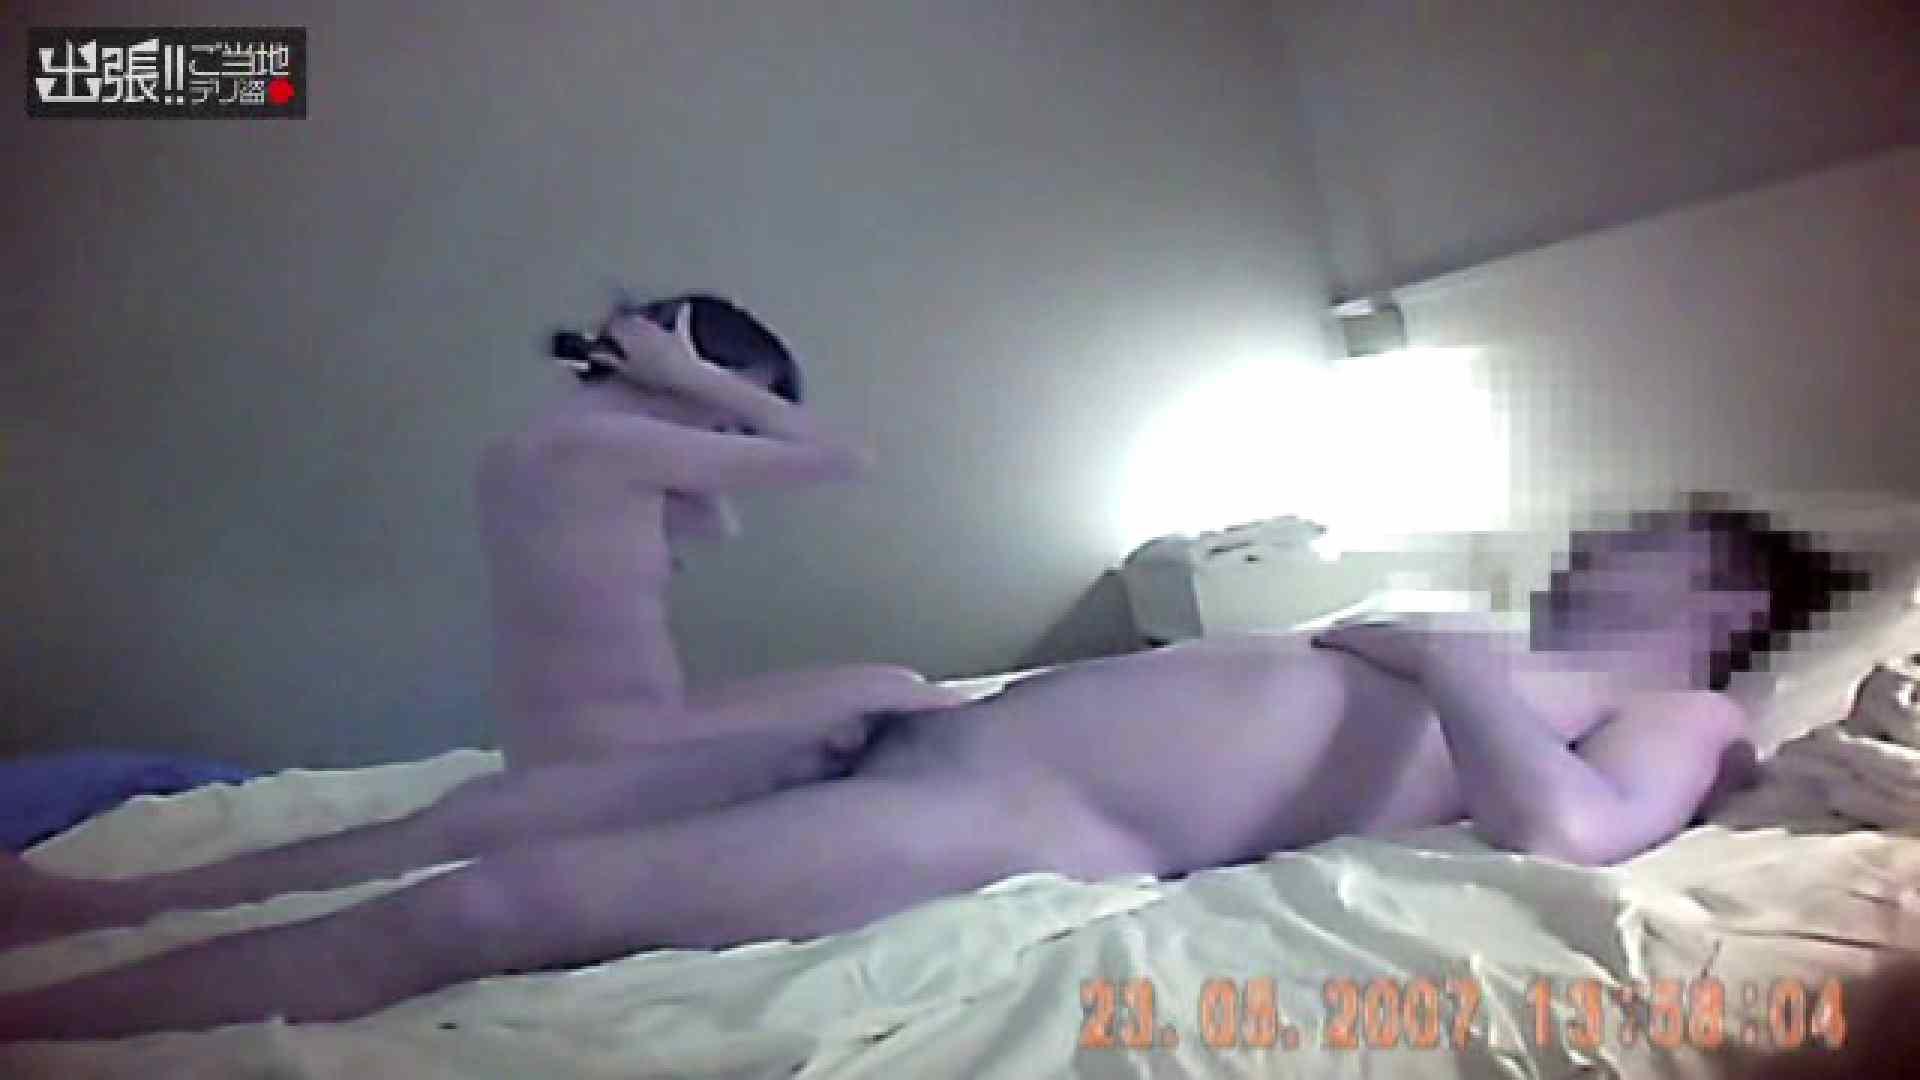 出張リーマンのデリ嬢隠し撮り第3弾vol.4 隠撮 戯れ無修正画像 111pic 51